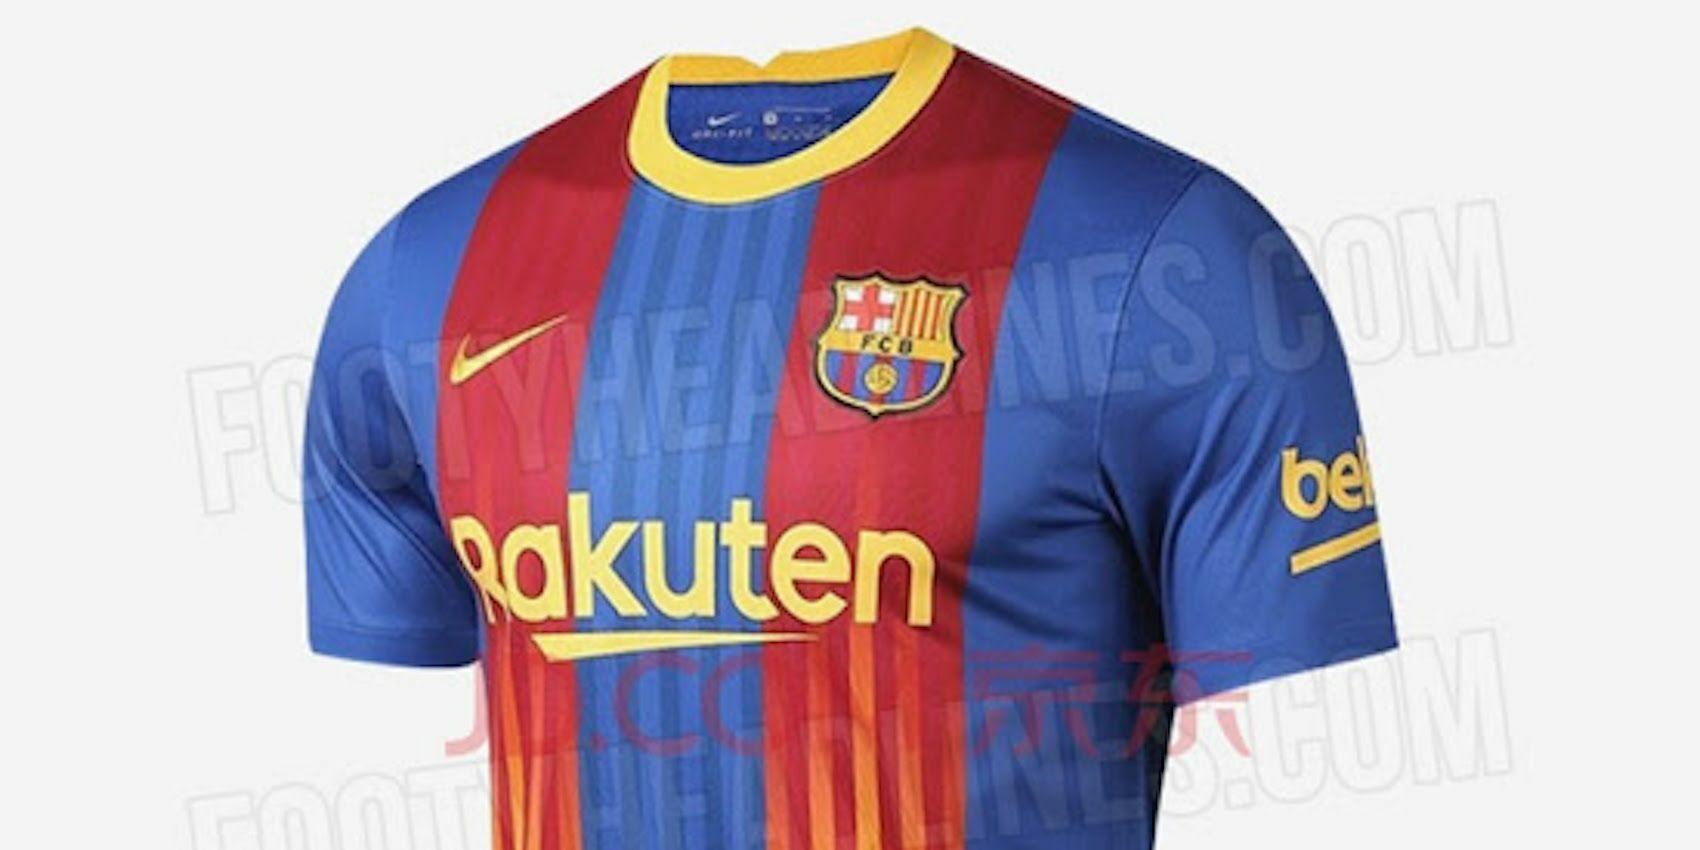 Quarta samarreta del Barça per a la temporada actual | Footy Headlines